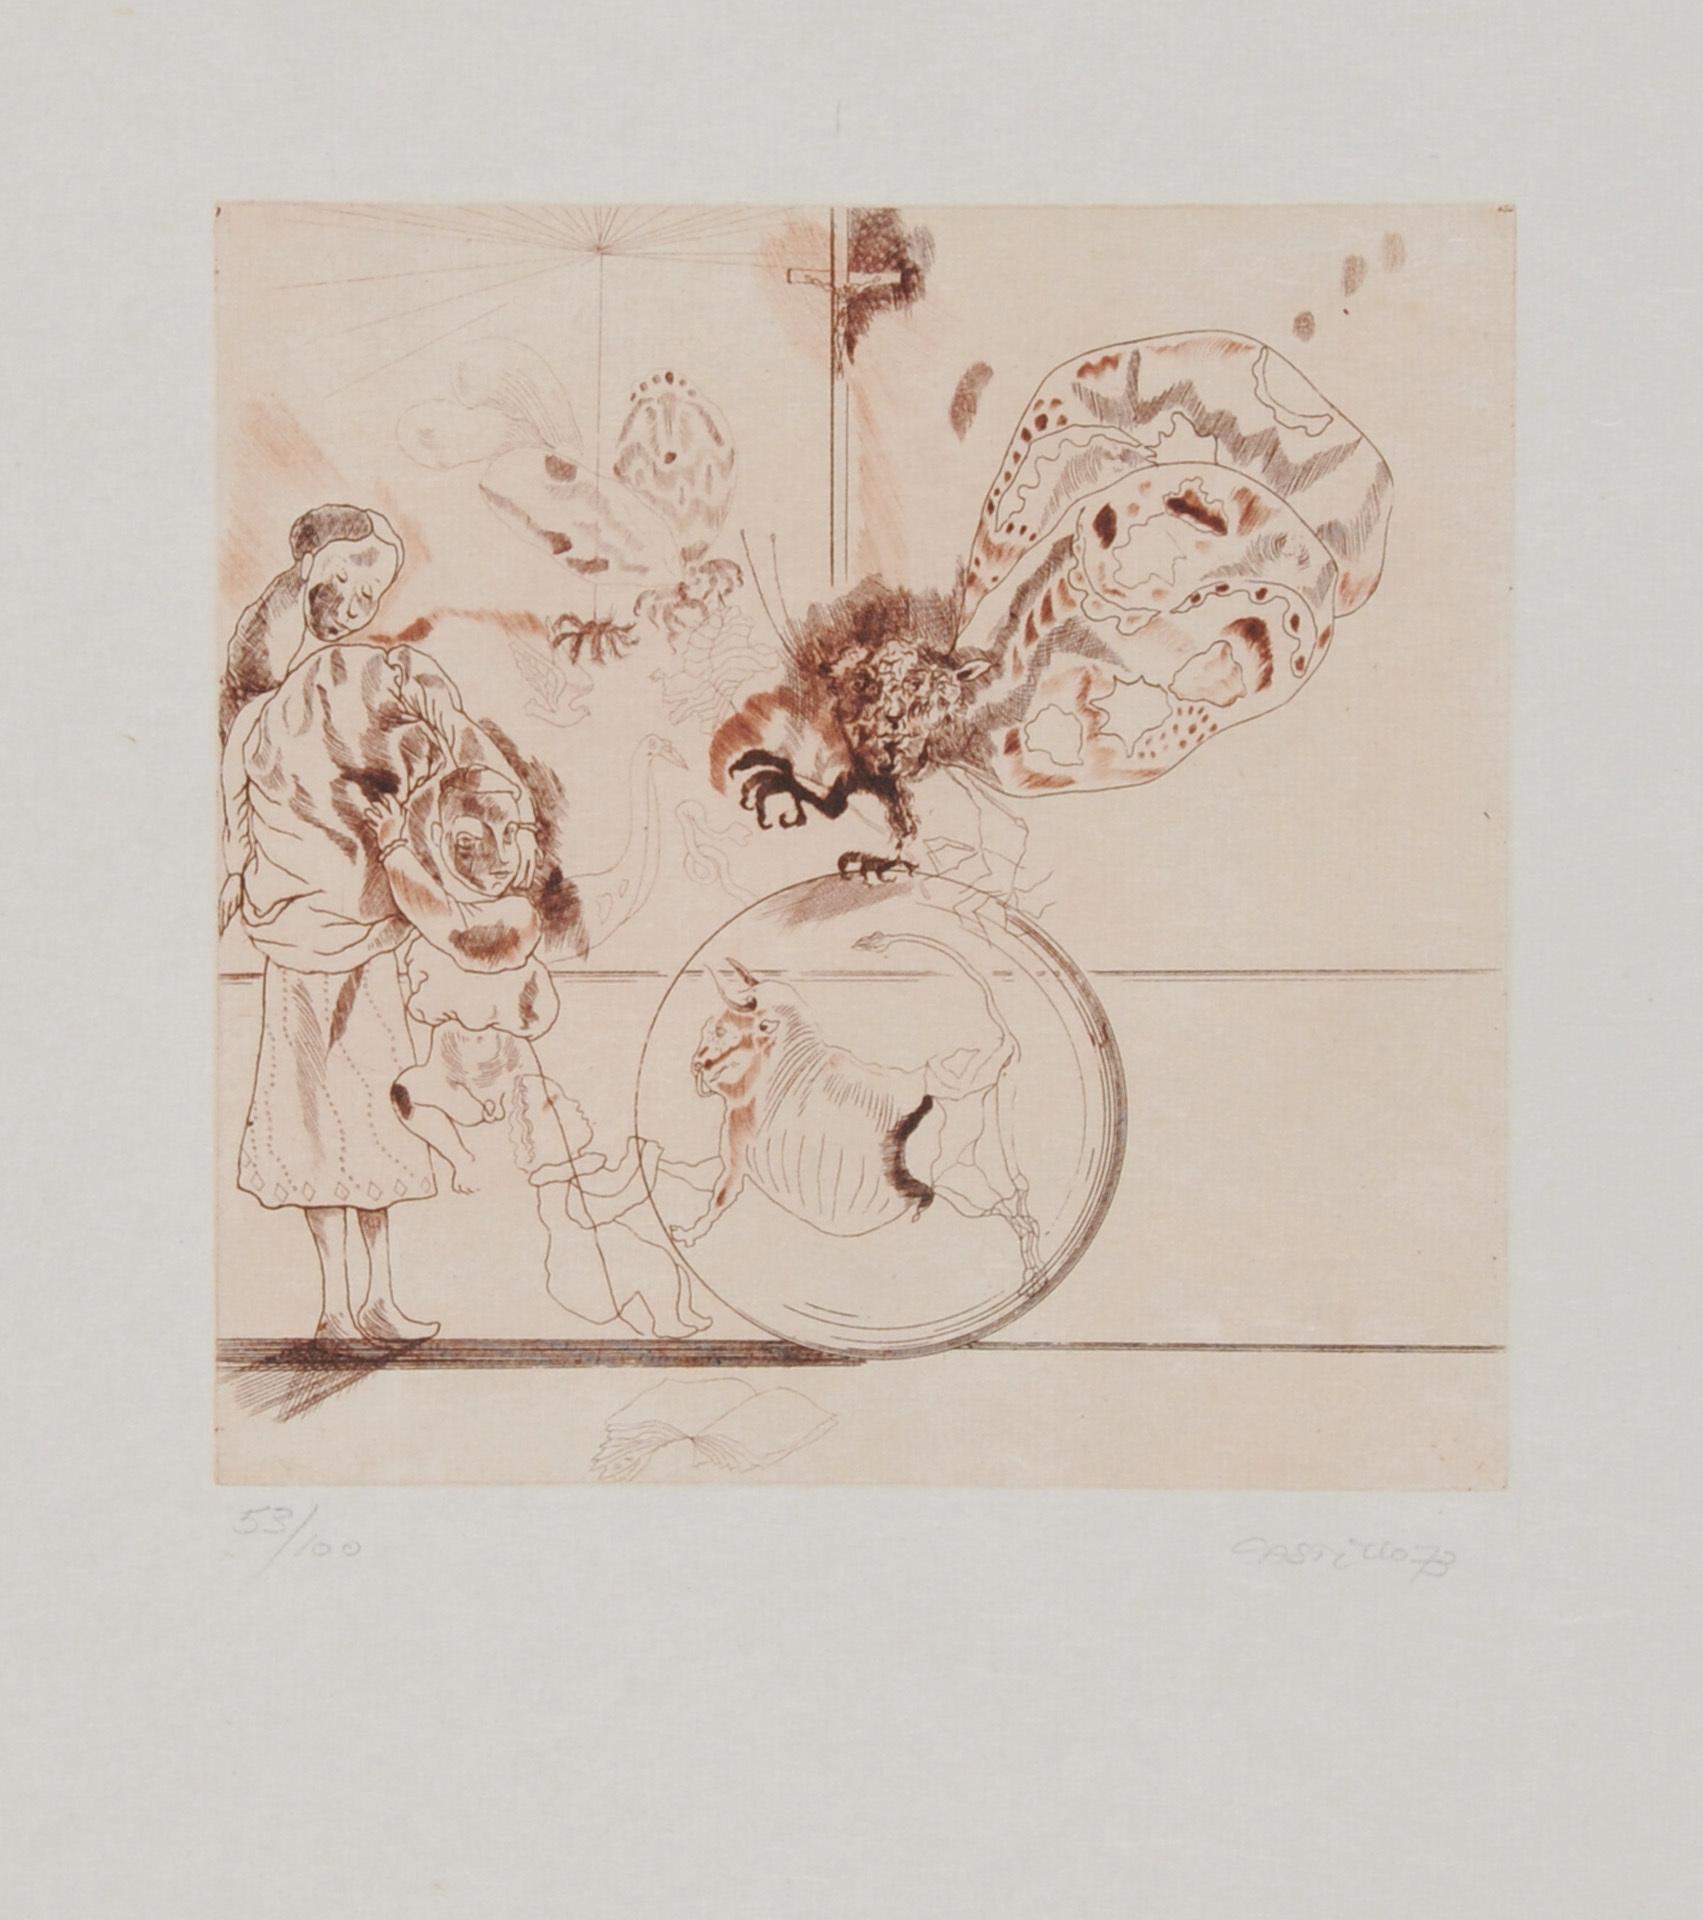 Castillo Jorge, Folder. Homenaje à Goya